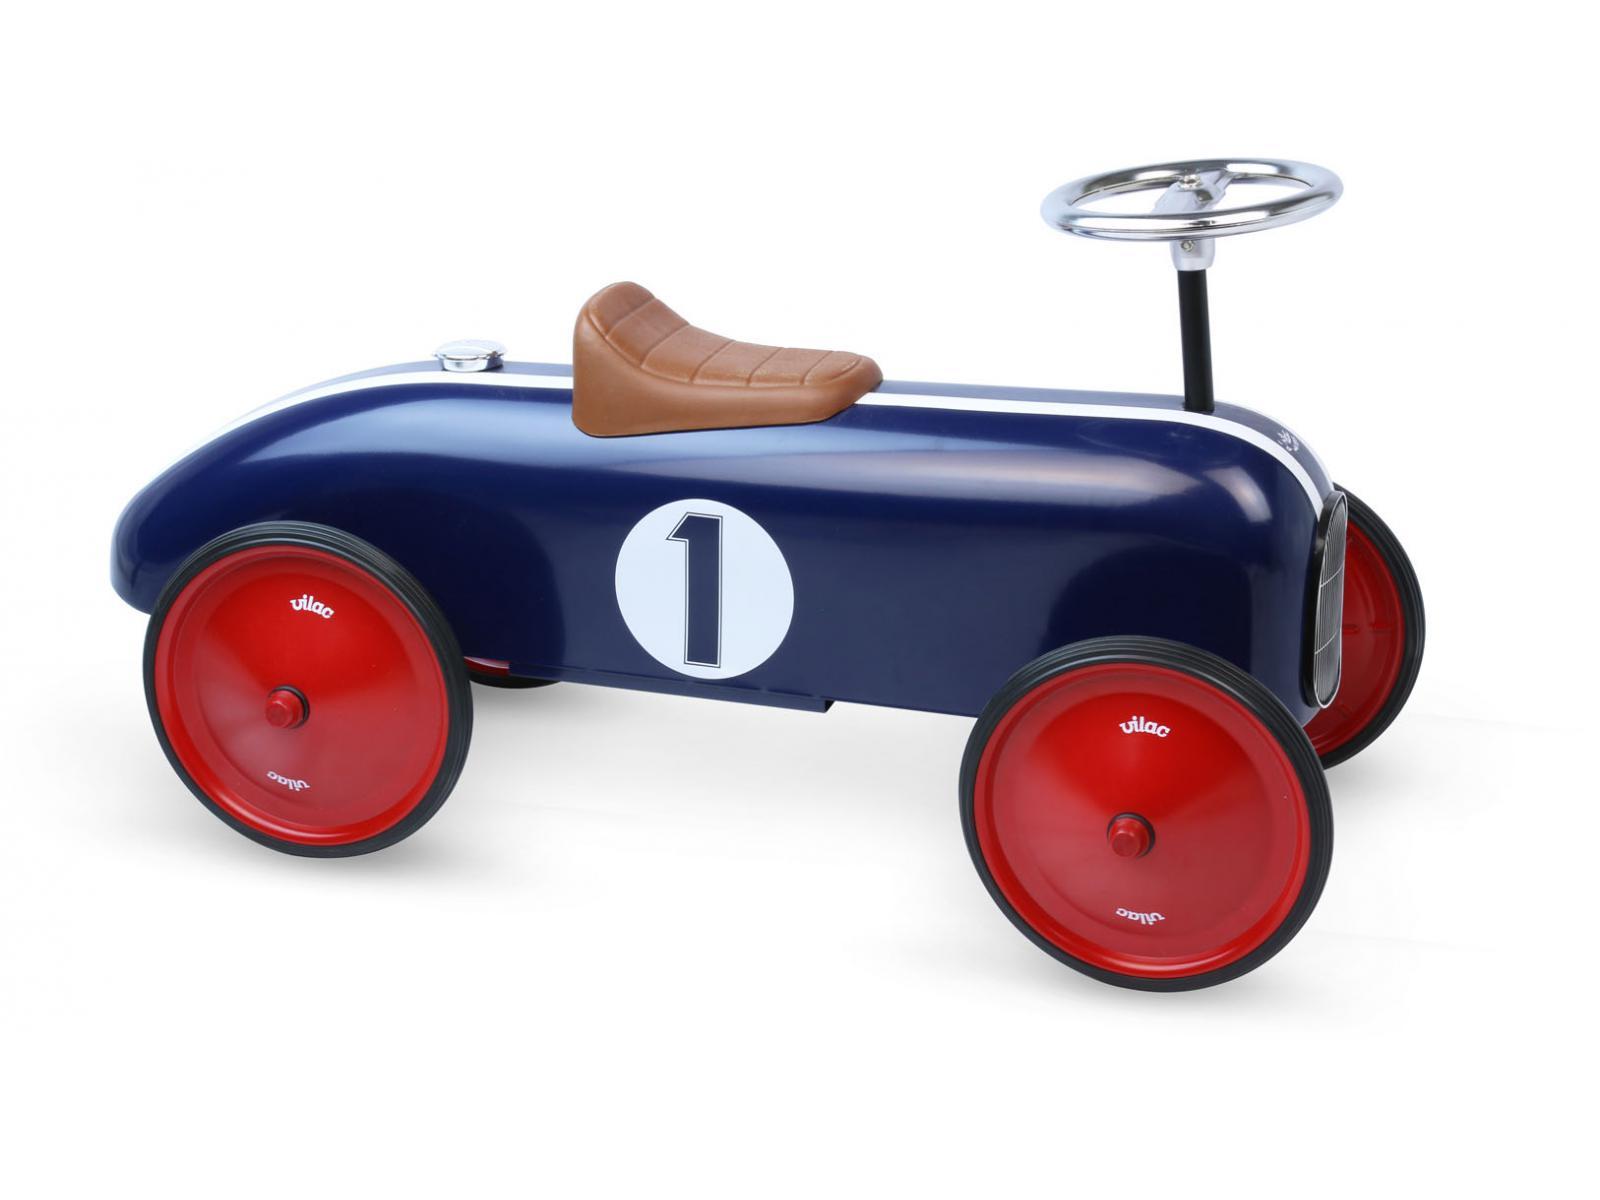 vilac porteur voiture vintage bleue. Black Bedroom Furniture Sets. Home Design Ideas